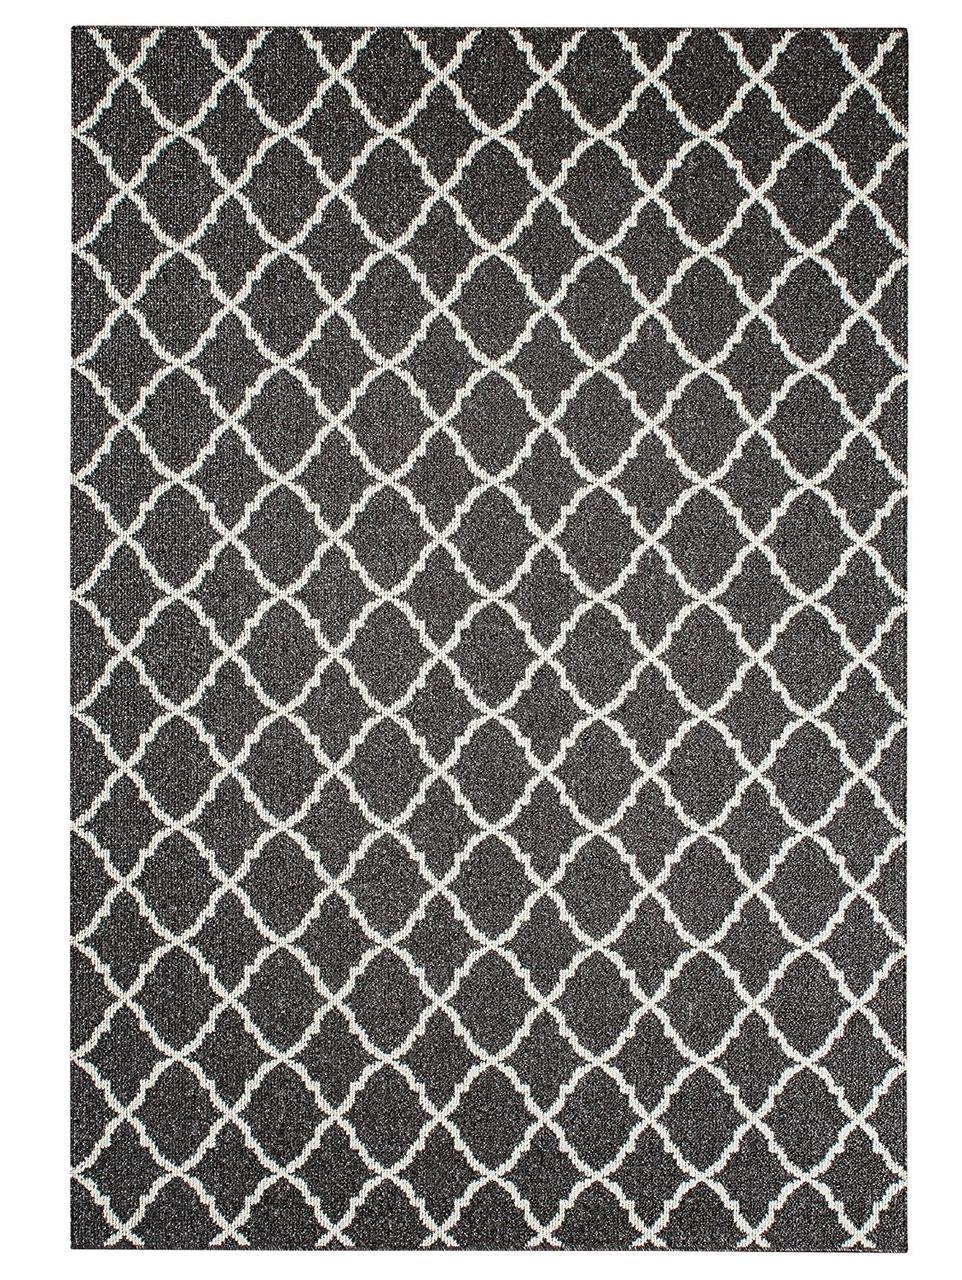 Коврик резиновые коврики CARDIFF 1,33Х1,9 КОРИЧНЕВЫЙ прямоугольник